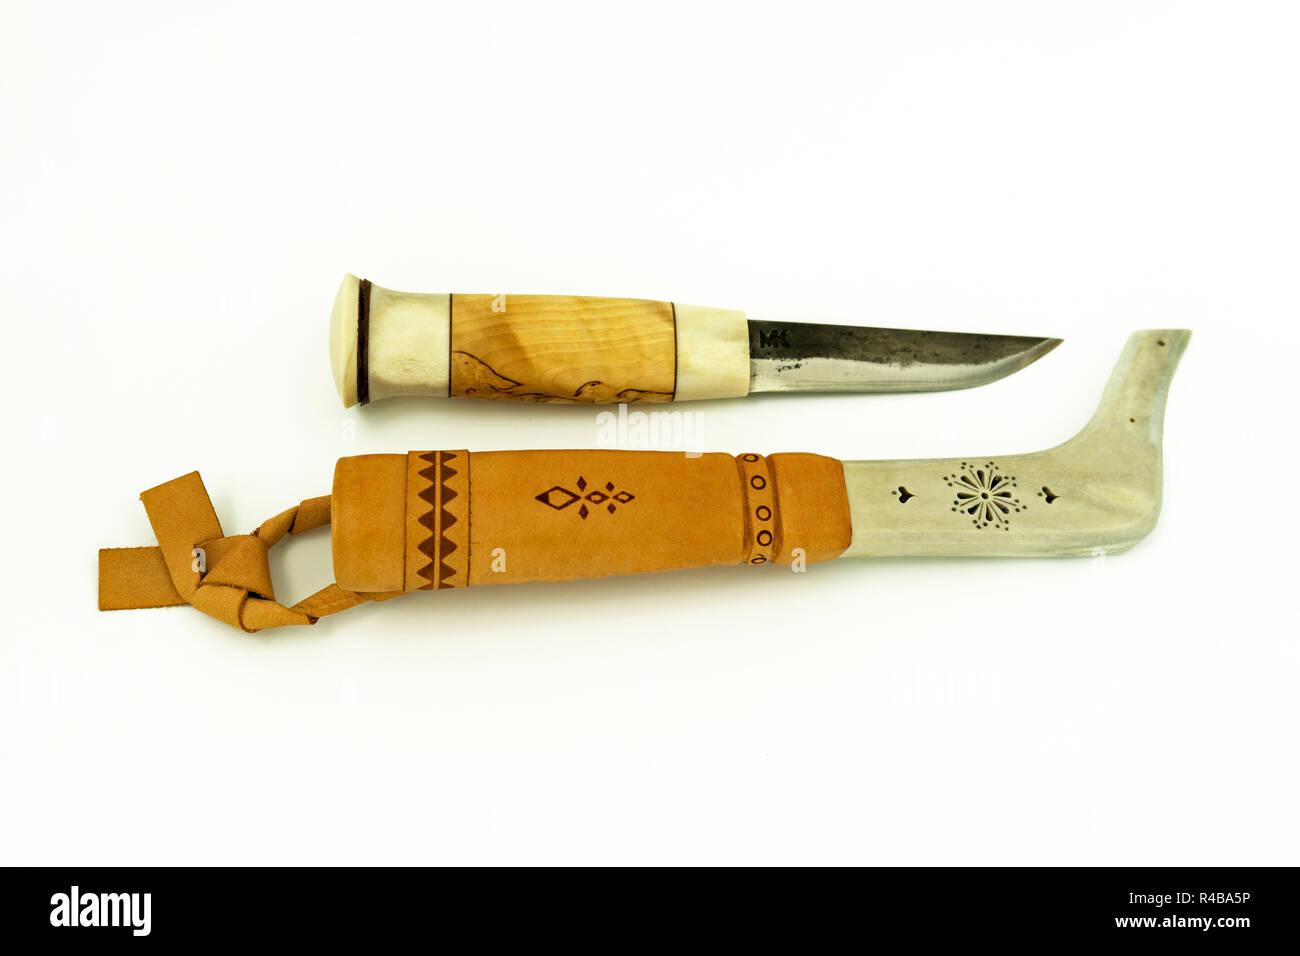 Lapland knife - Stock Image